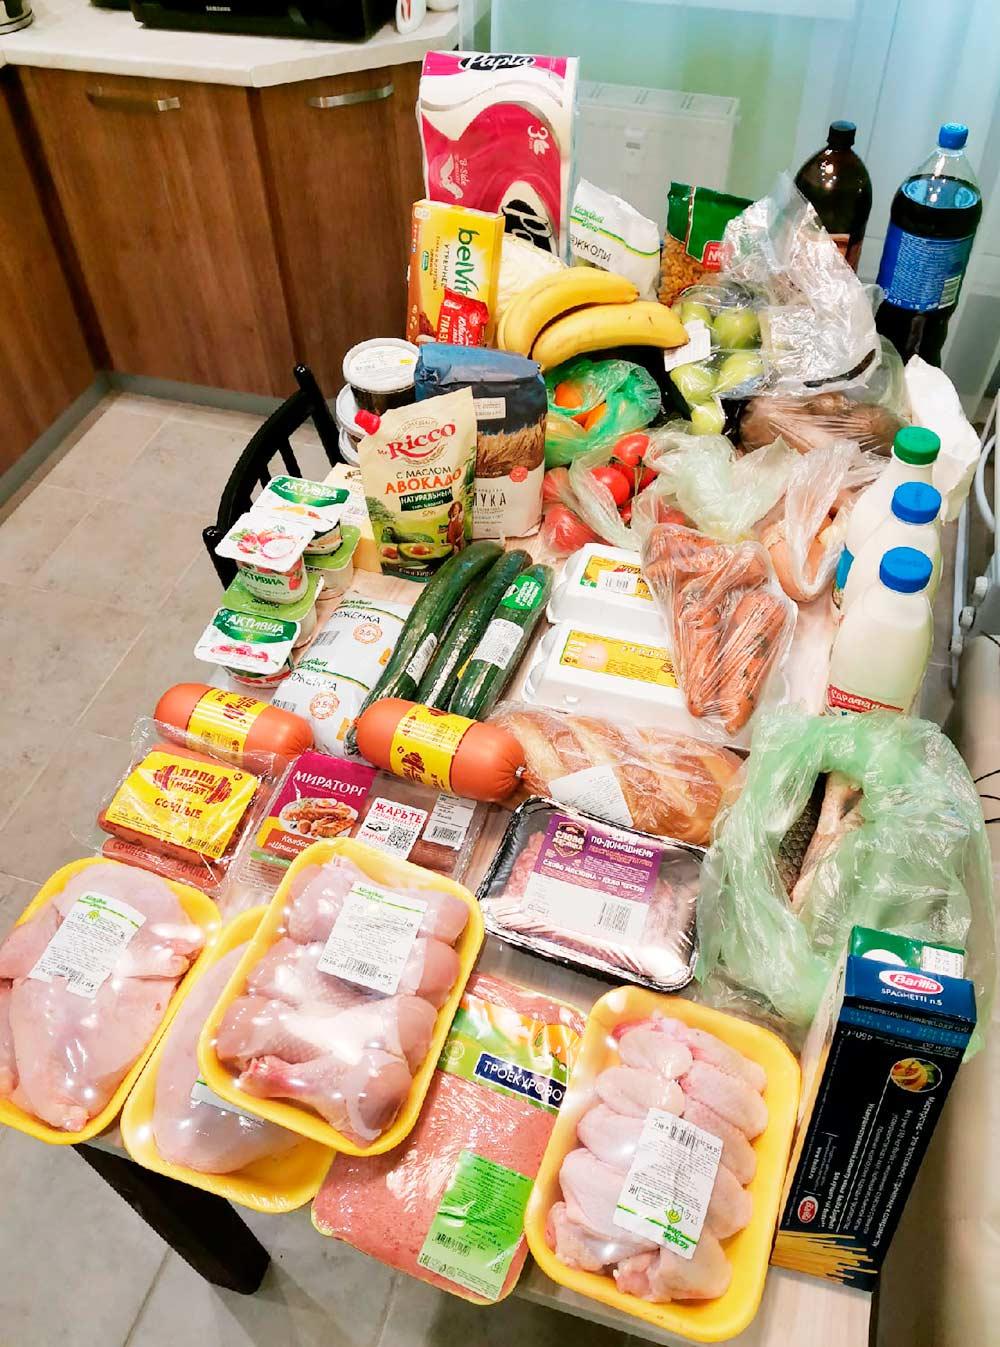 Обычно мы закупаем мясо птицы: филе, бедра, крылышки, спинки длясупа, фарш. Еще Р. привез крупы, макароны, молоко, кефир, ряженку, йогурты, яйца, овощи, фрукты и сосиски. И всякие сладости к чаю